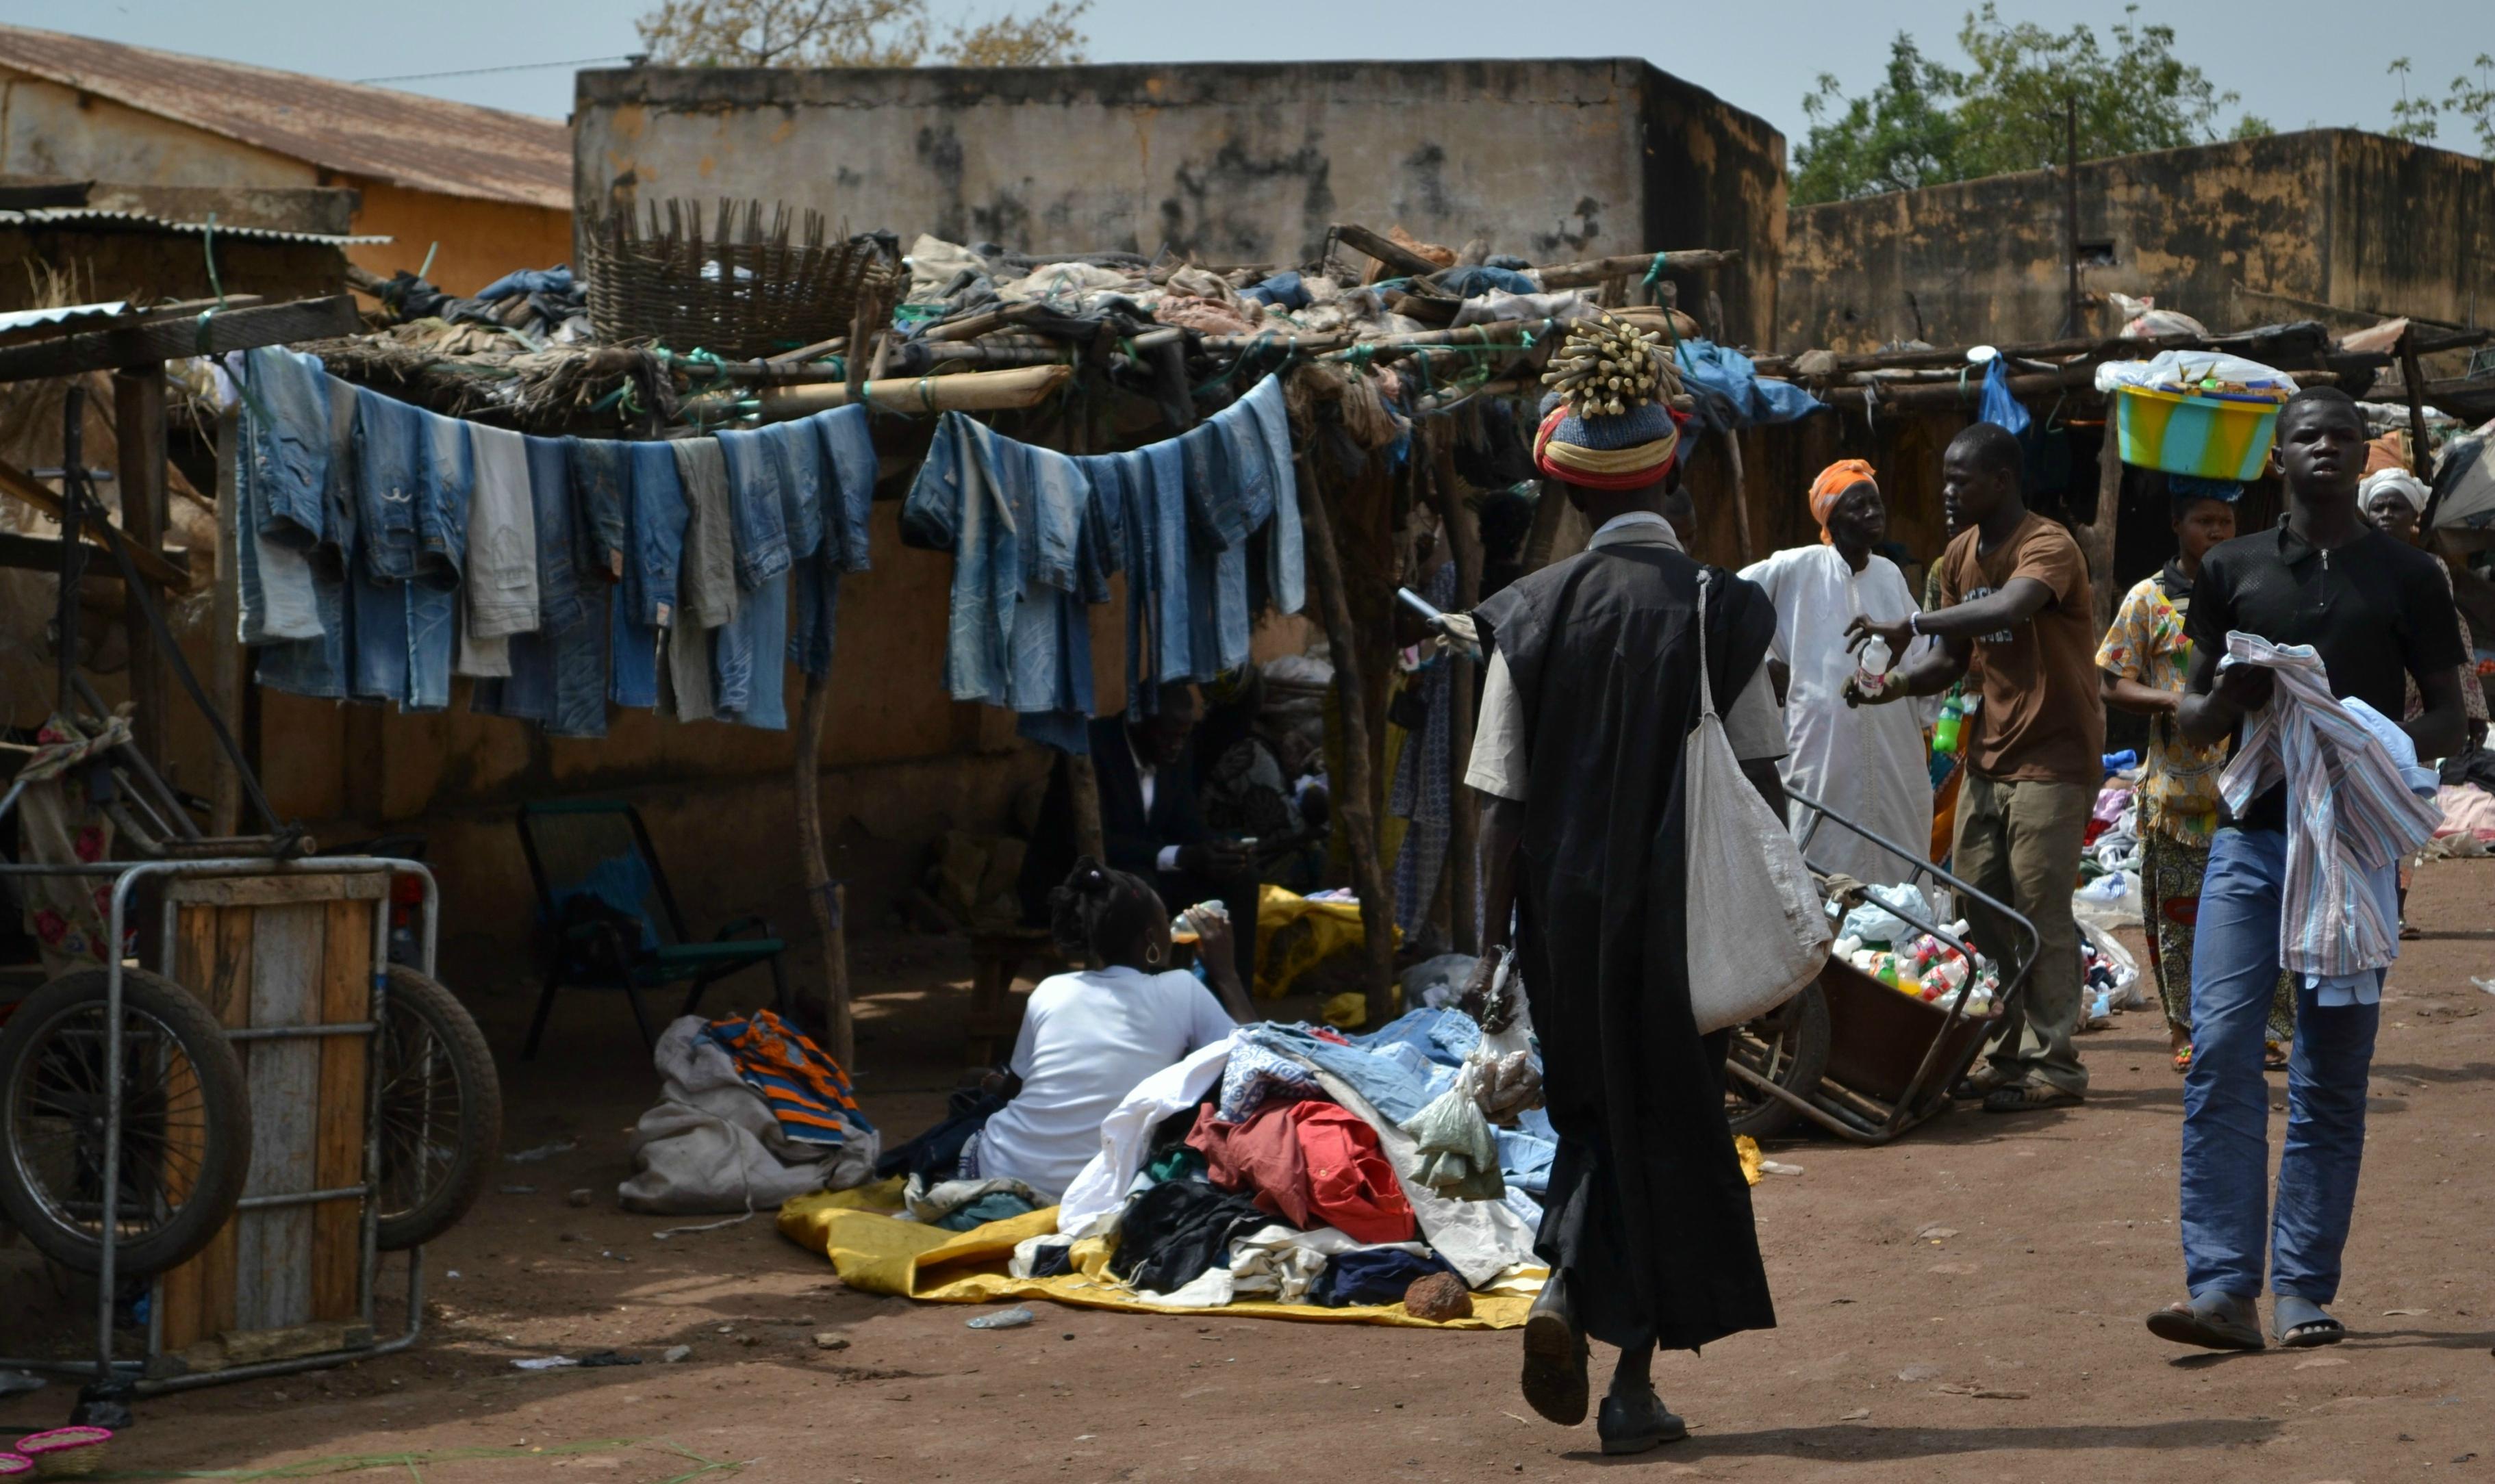 Straßen von Bamako, Mali | Bild (Ausschnitt): © IHH Humanitarian Relief Foundation [CC BY-NC-ND 2.0]  - Flickr